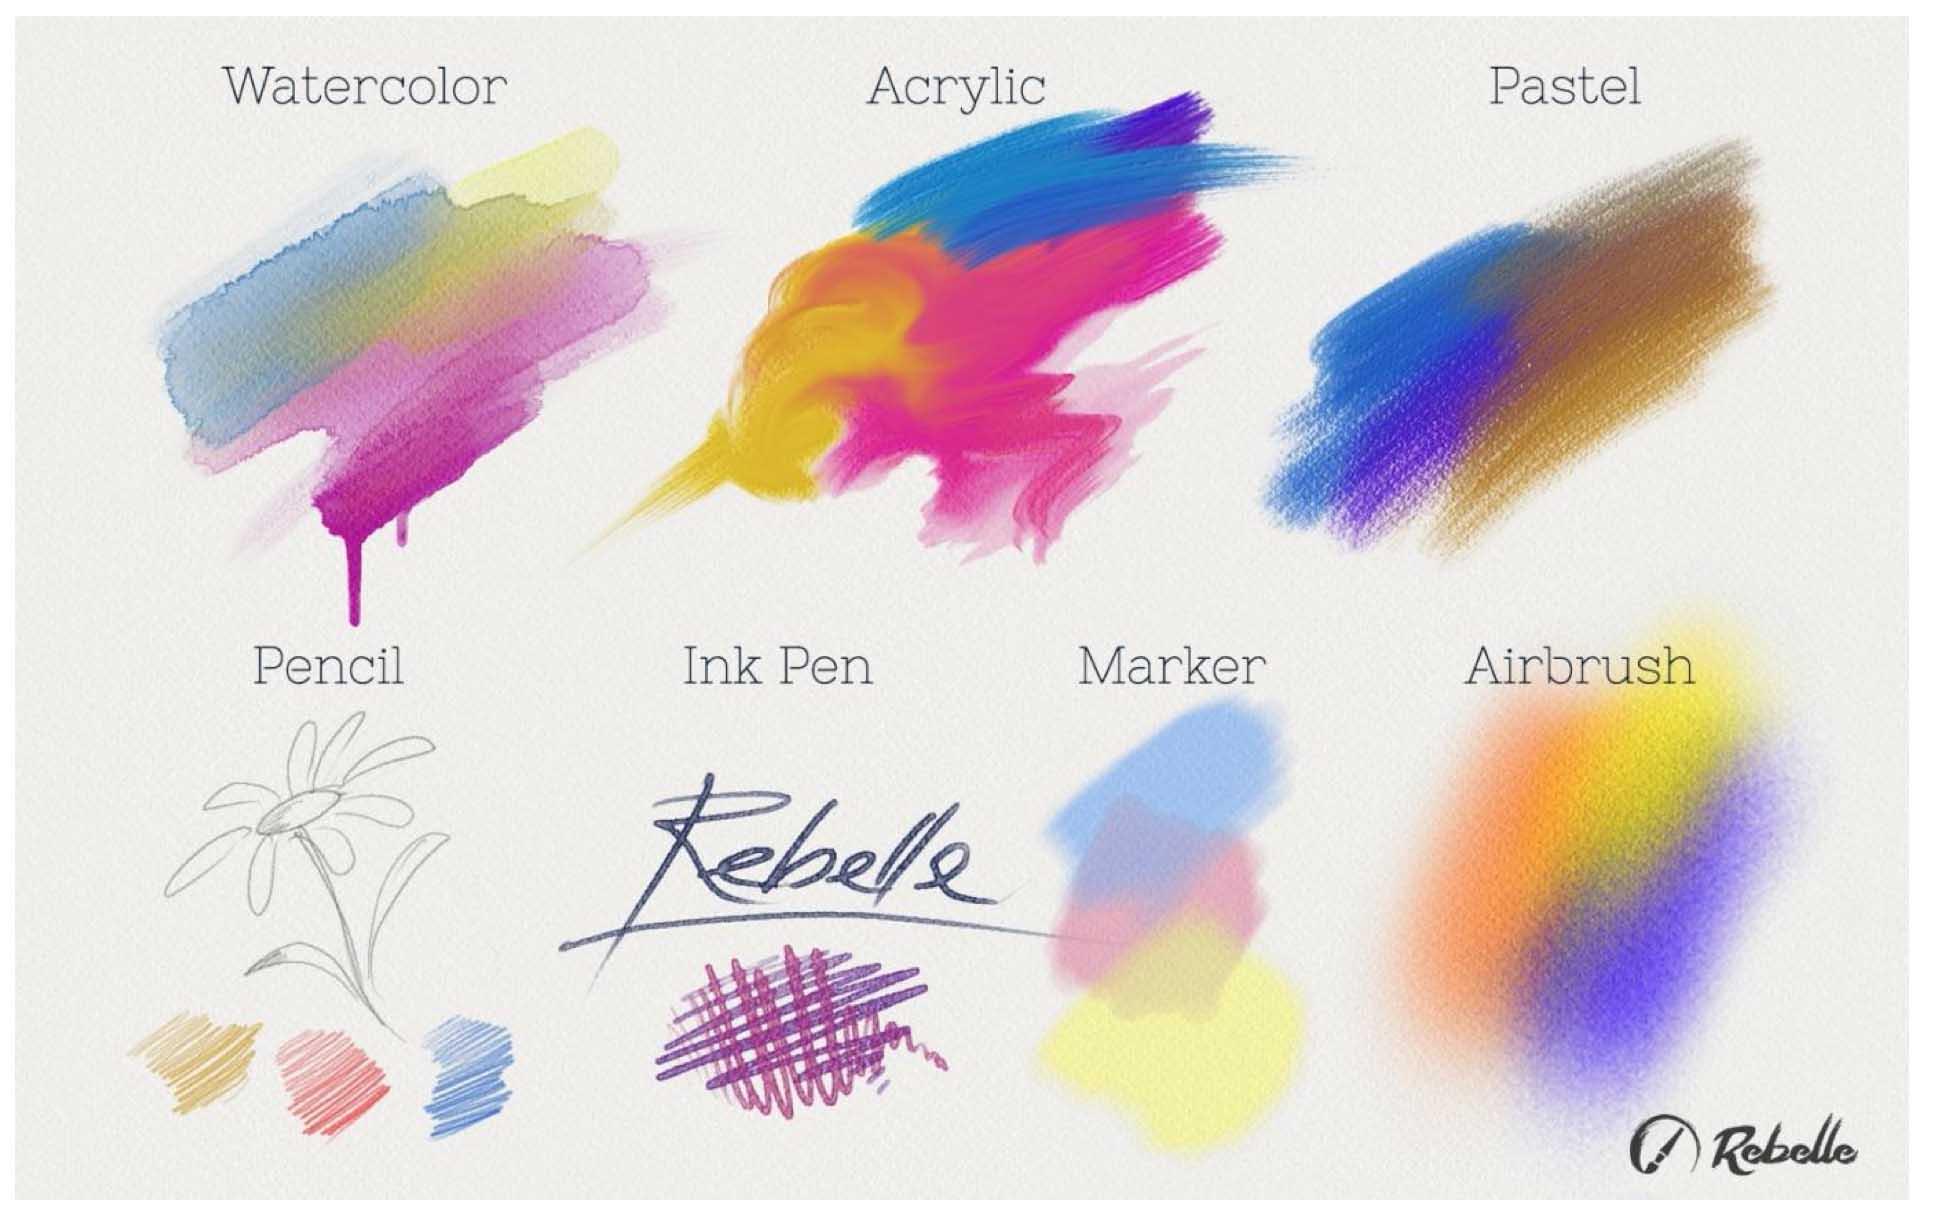 Rebelle 3.2.5, aggiornamento del software Mac e PC per il Real-Media Painting